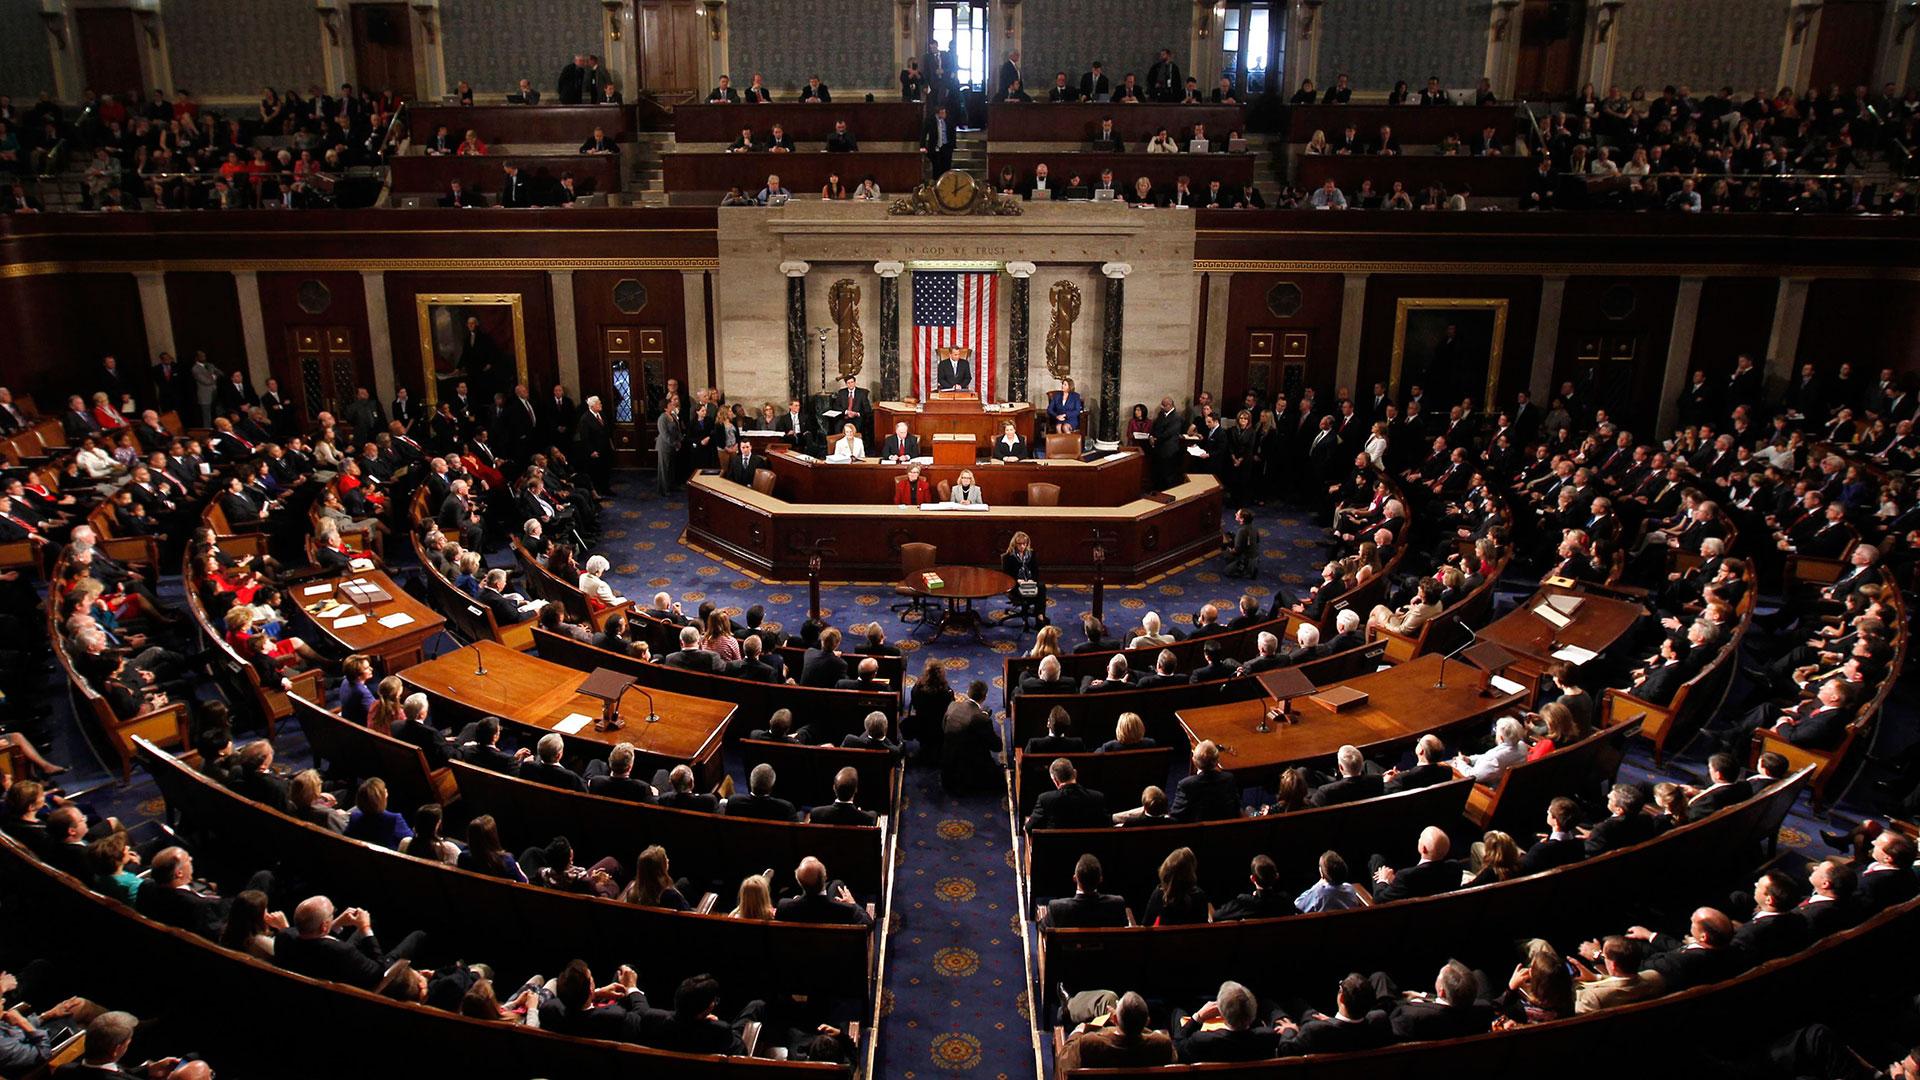 La mayoría republicana aprobó una extensión del presupuesto por cuatro semanas; la medida aún debe ser votada en el Senado antes del viernes por la noche para evitar la paralización del gobierno